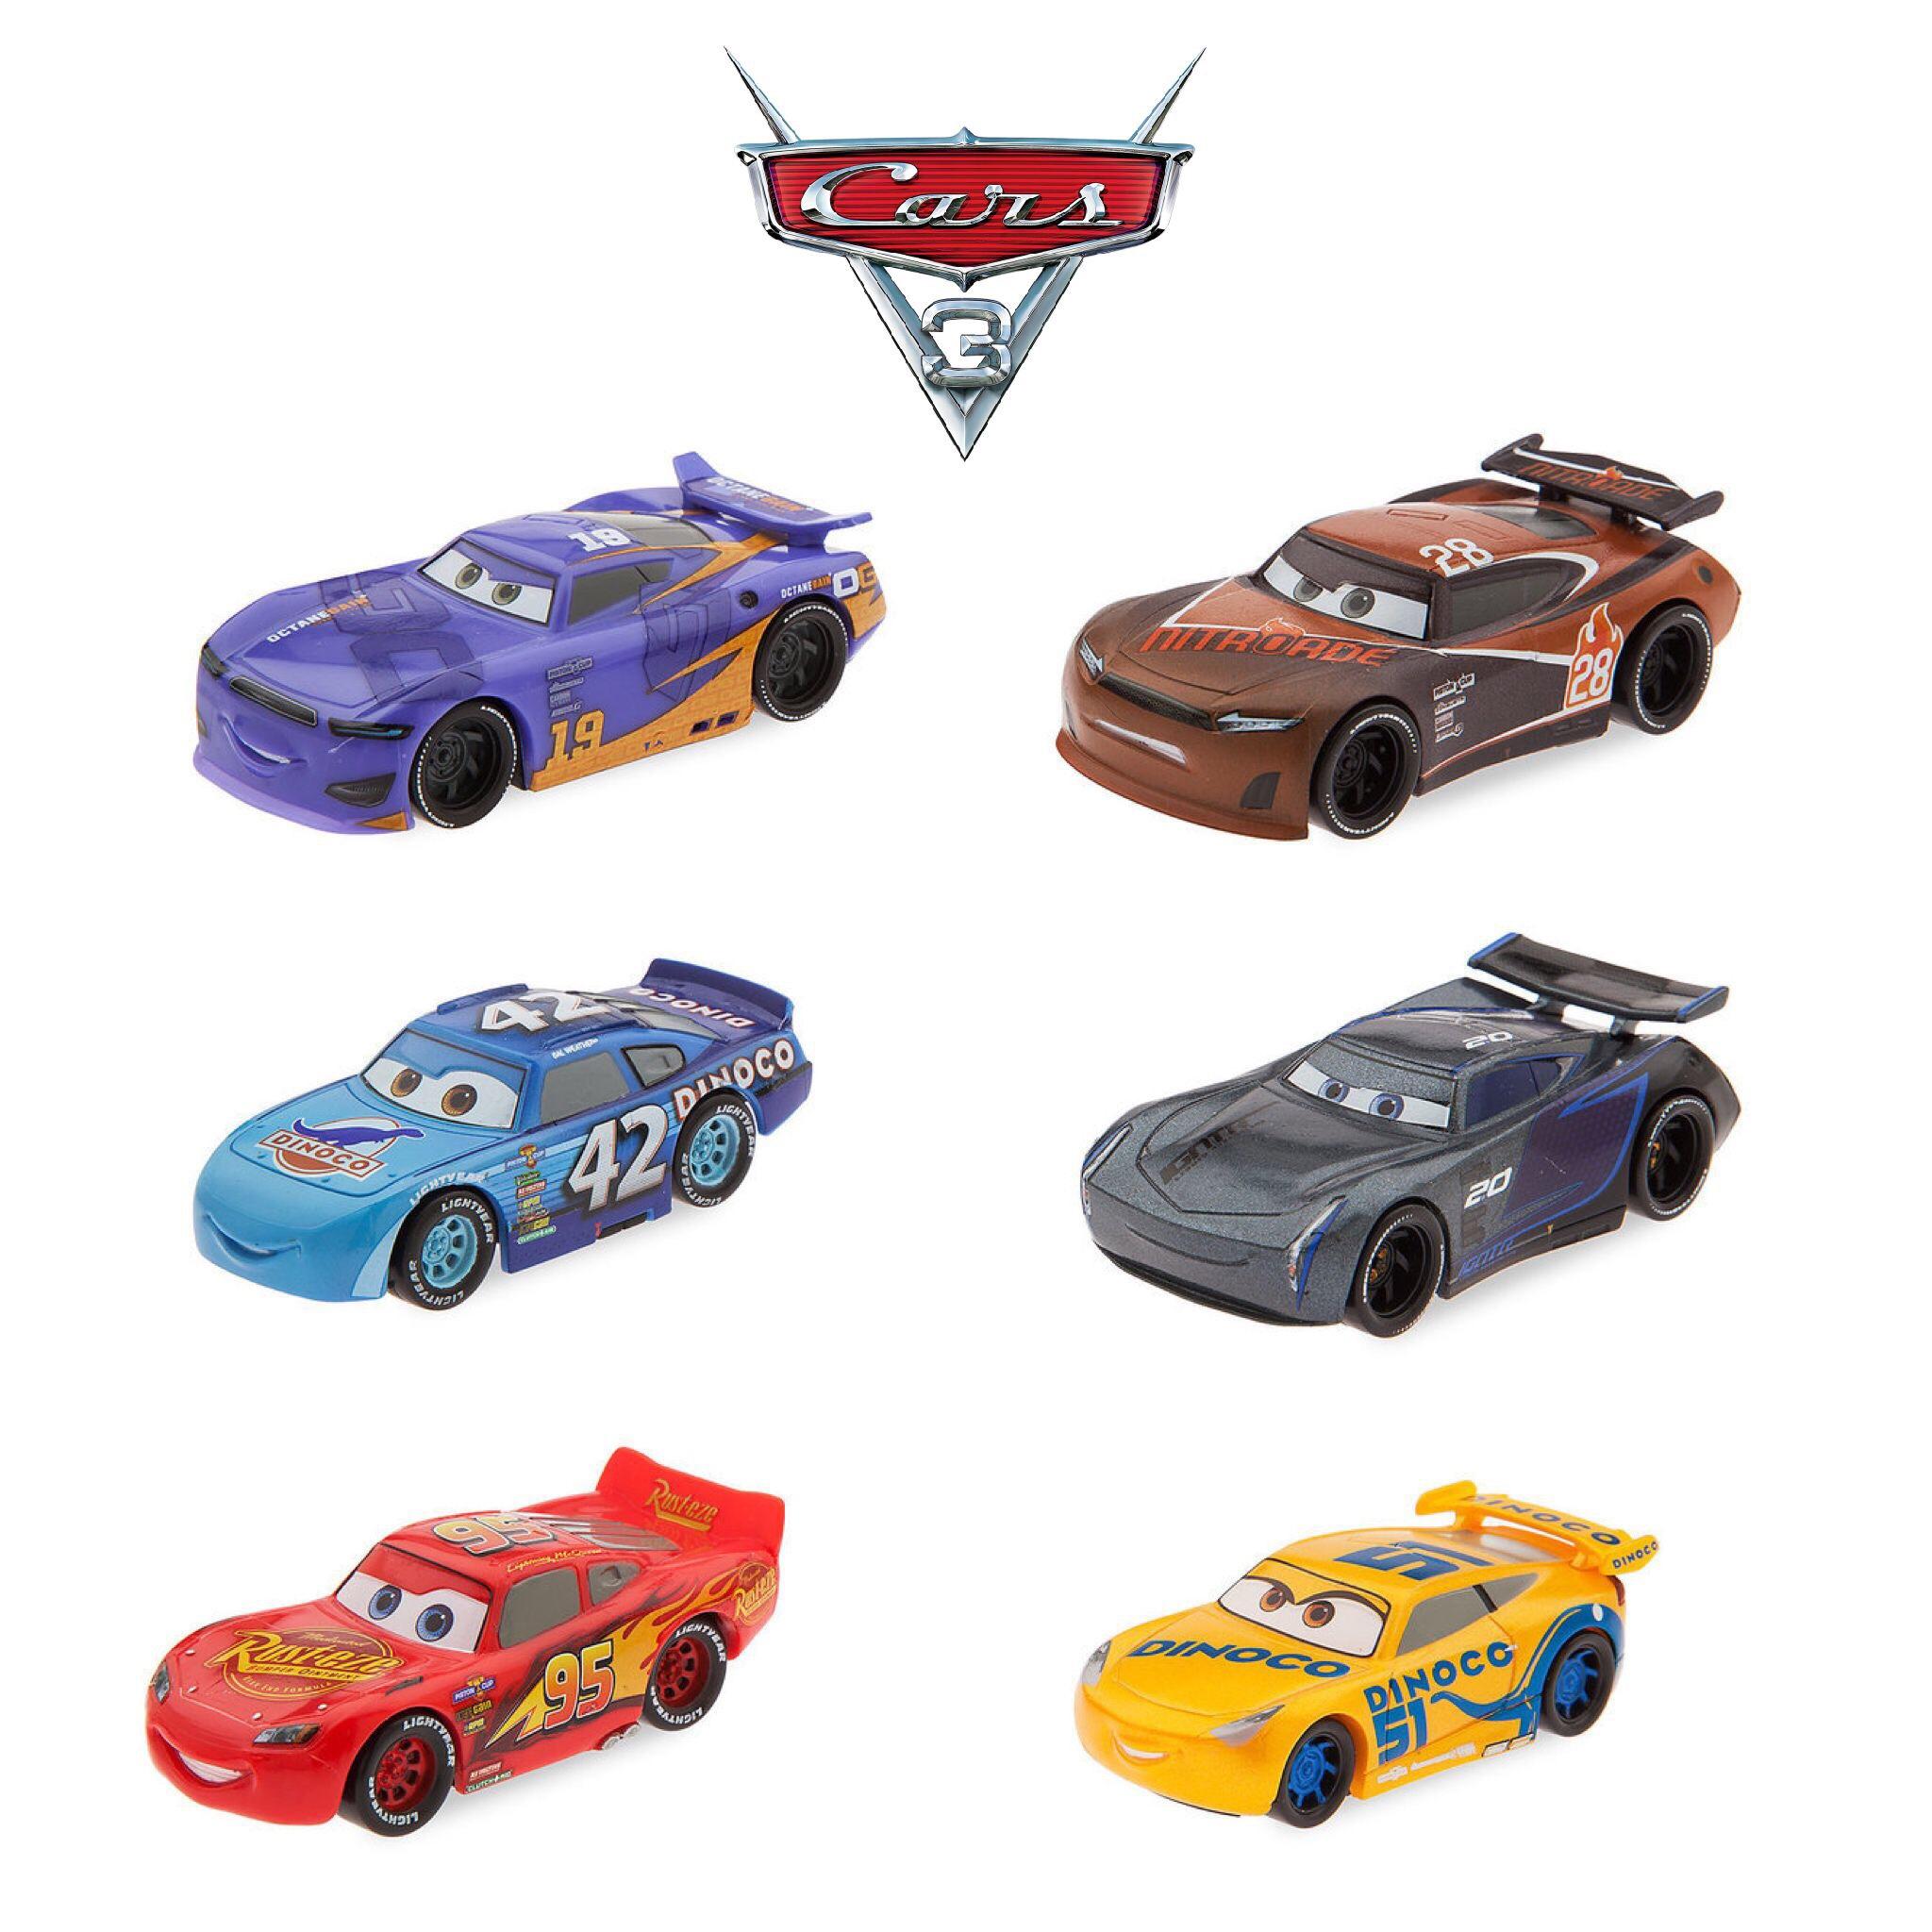 ชุดโมเดลของเล่นสำหรับเด็ก Disney Cars 3 Figurine Playset